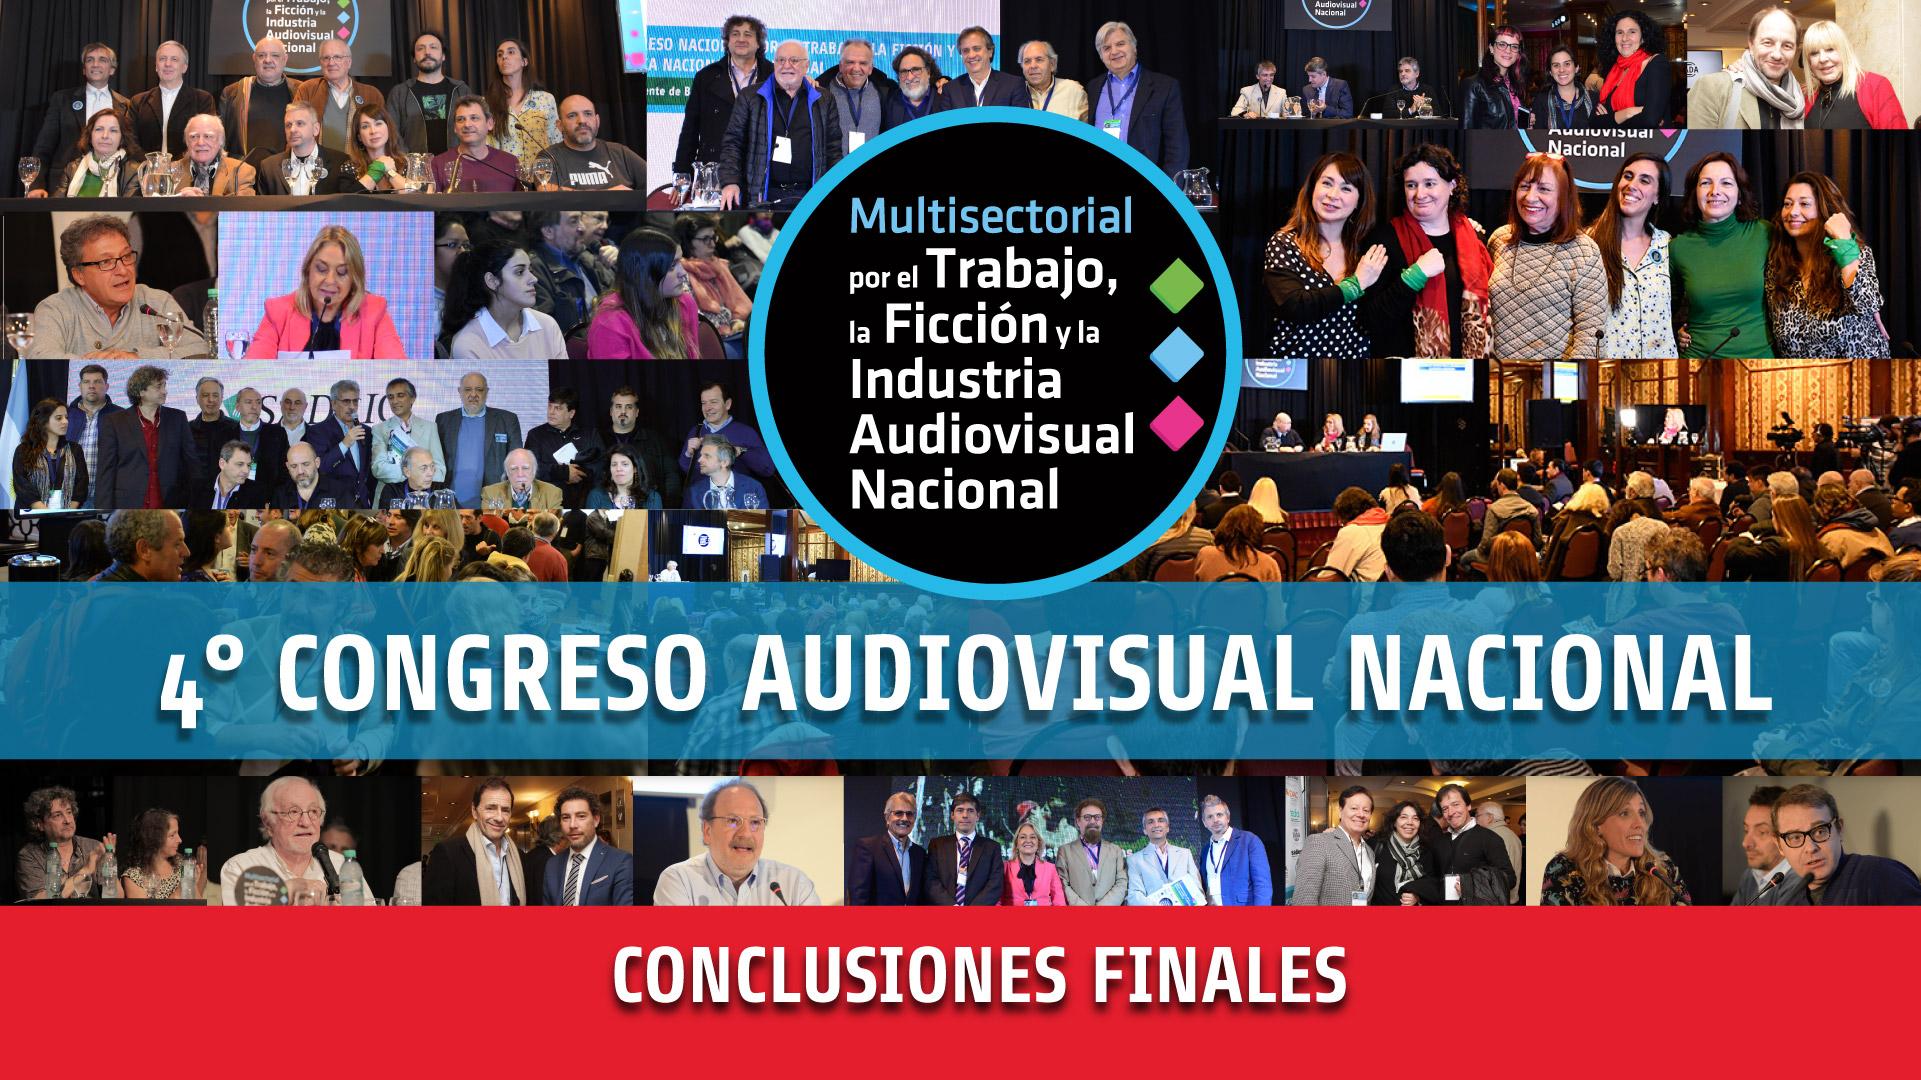 Conclusiones finales del 4° Congreso Audiovisual 2019